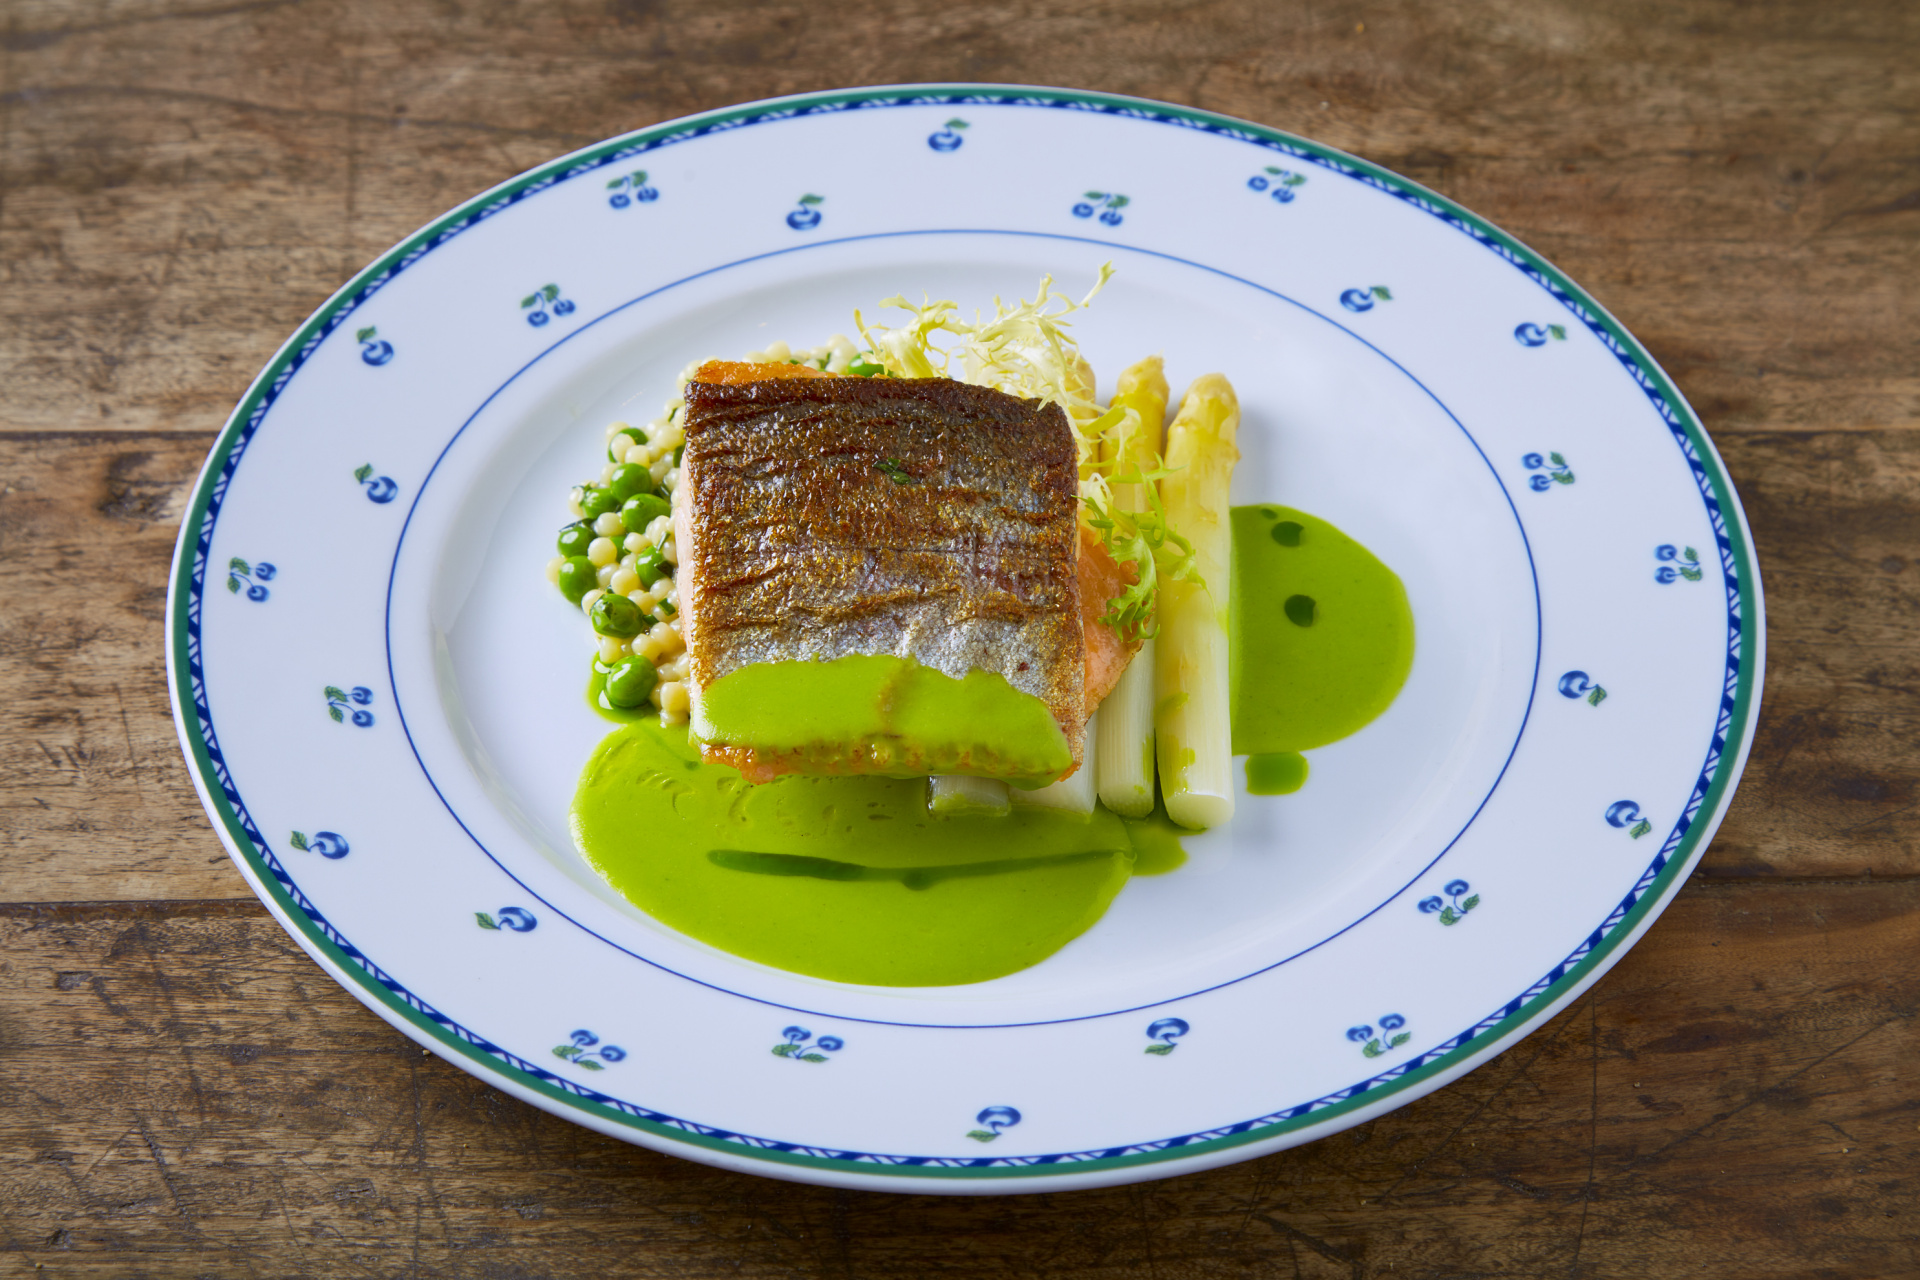 Sladkovodní ryba dne, bílý chřest, tarhoňa s hráškem a bylinkami, česnekový krém a olej z medvědího česneku